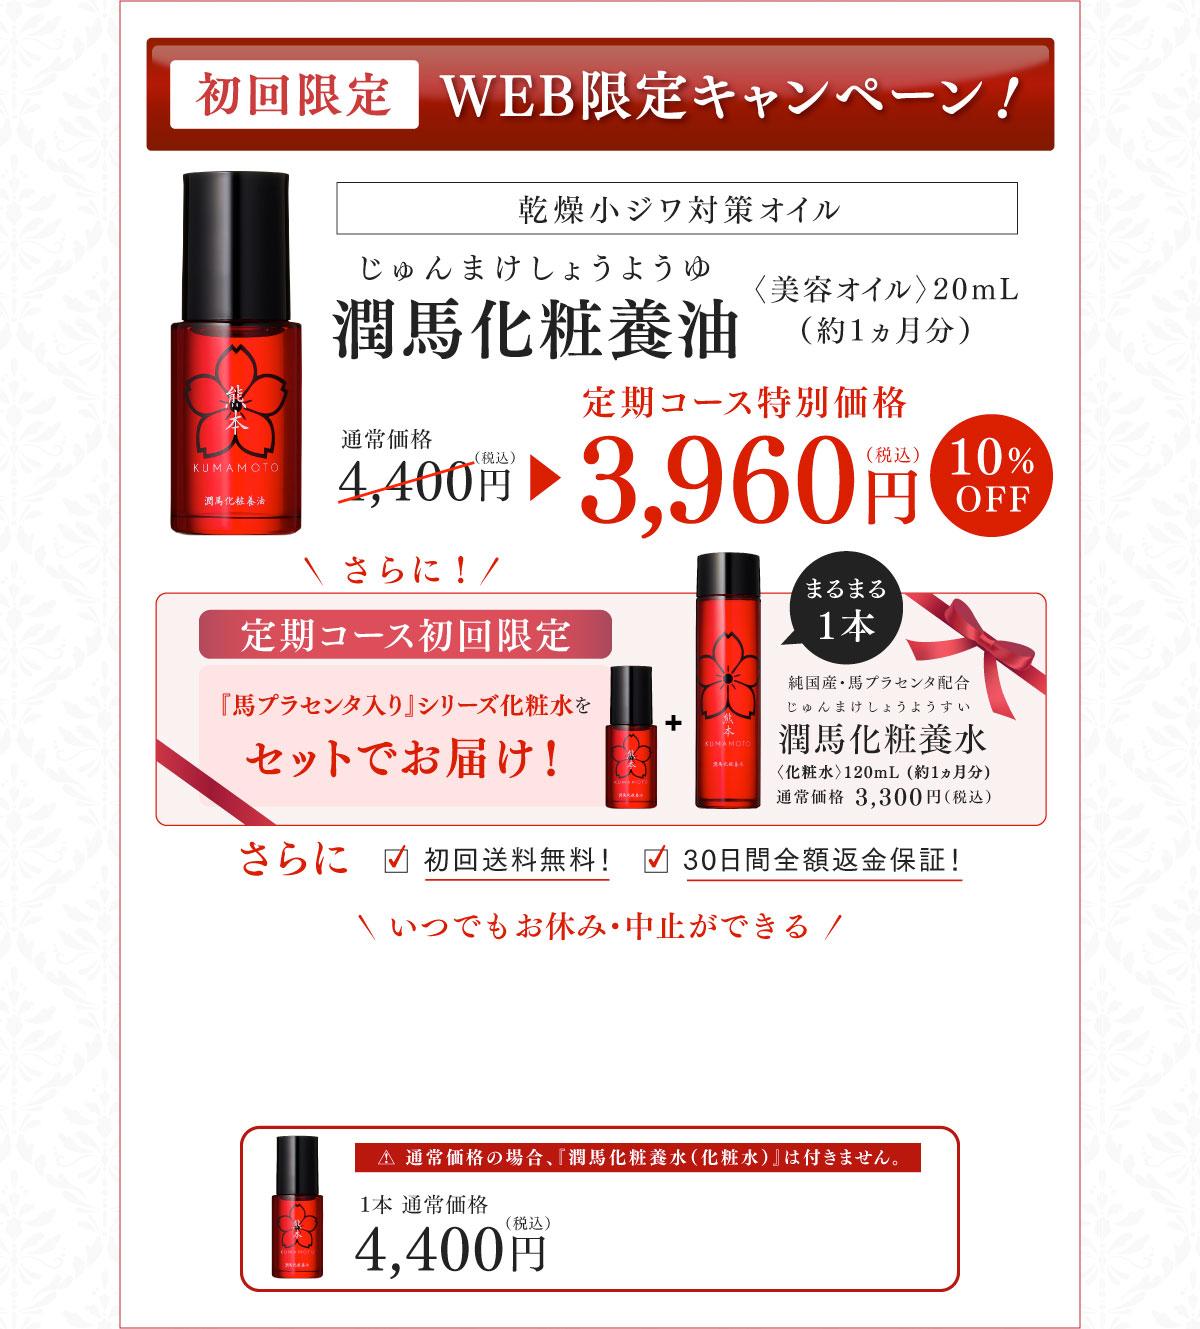 初回限定ウェブ限定キャンペーン!潤馬化粧養油定期コース3960円10パーセントオフ